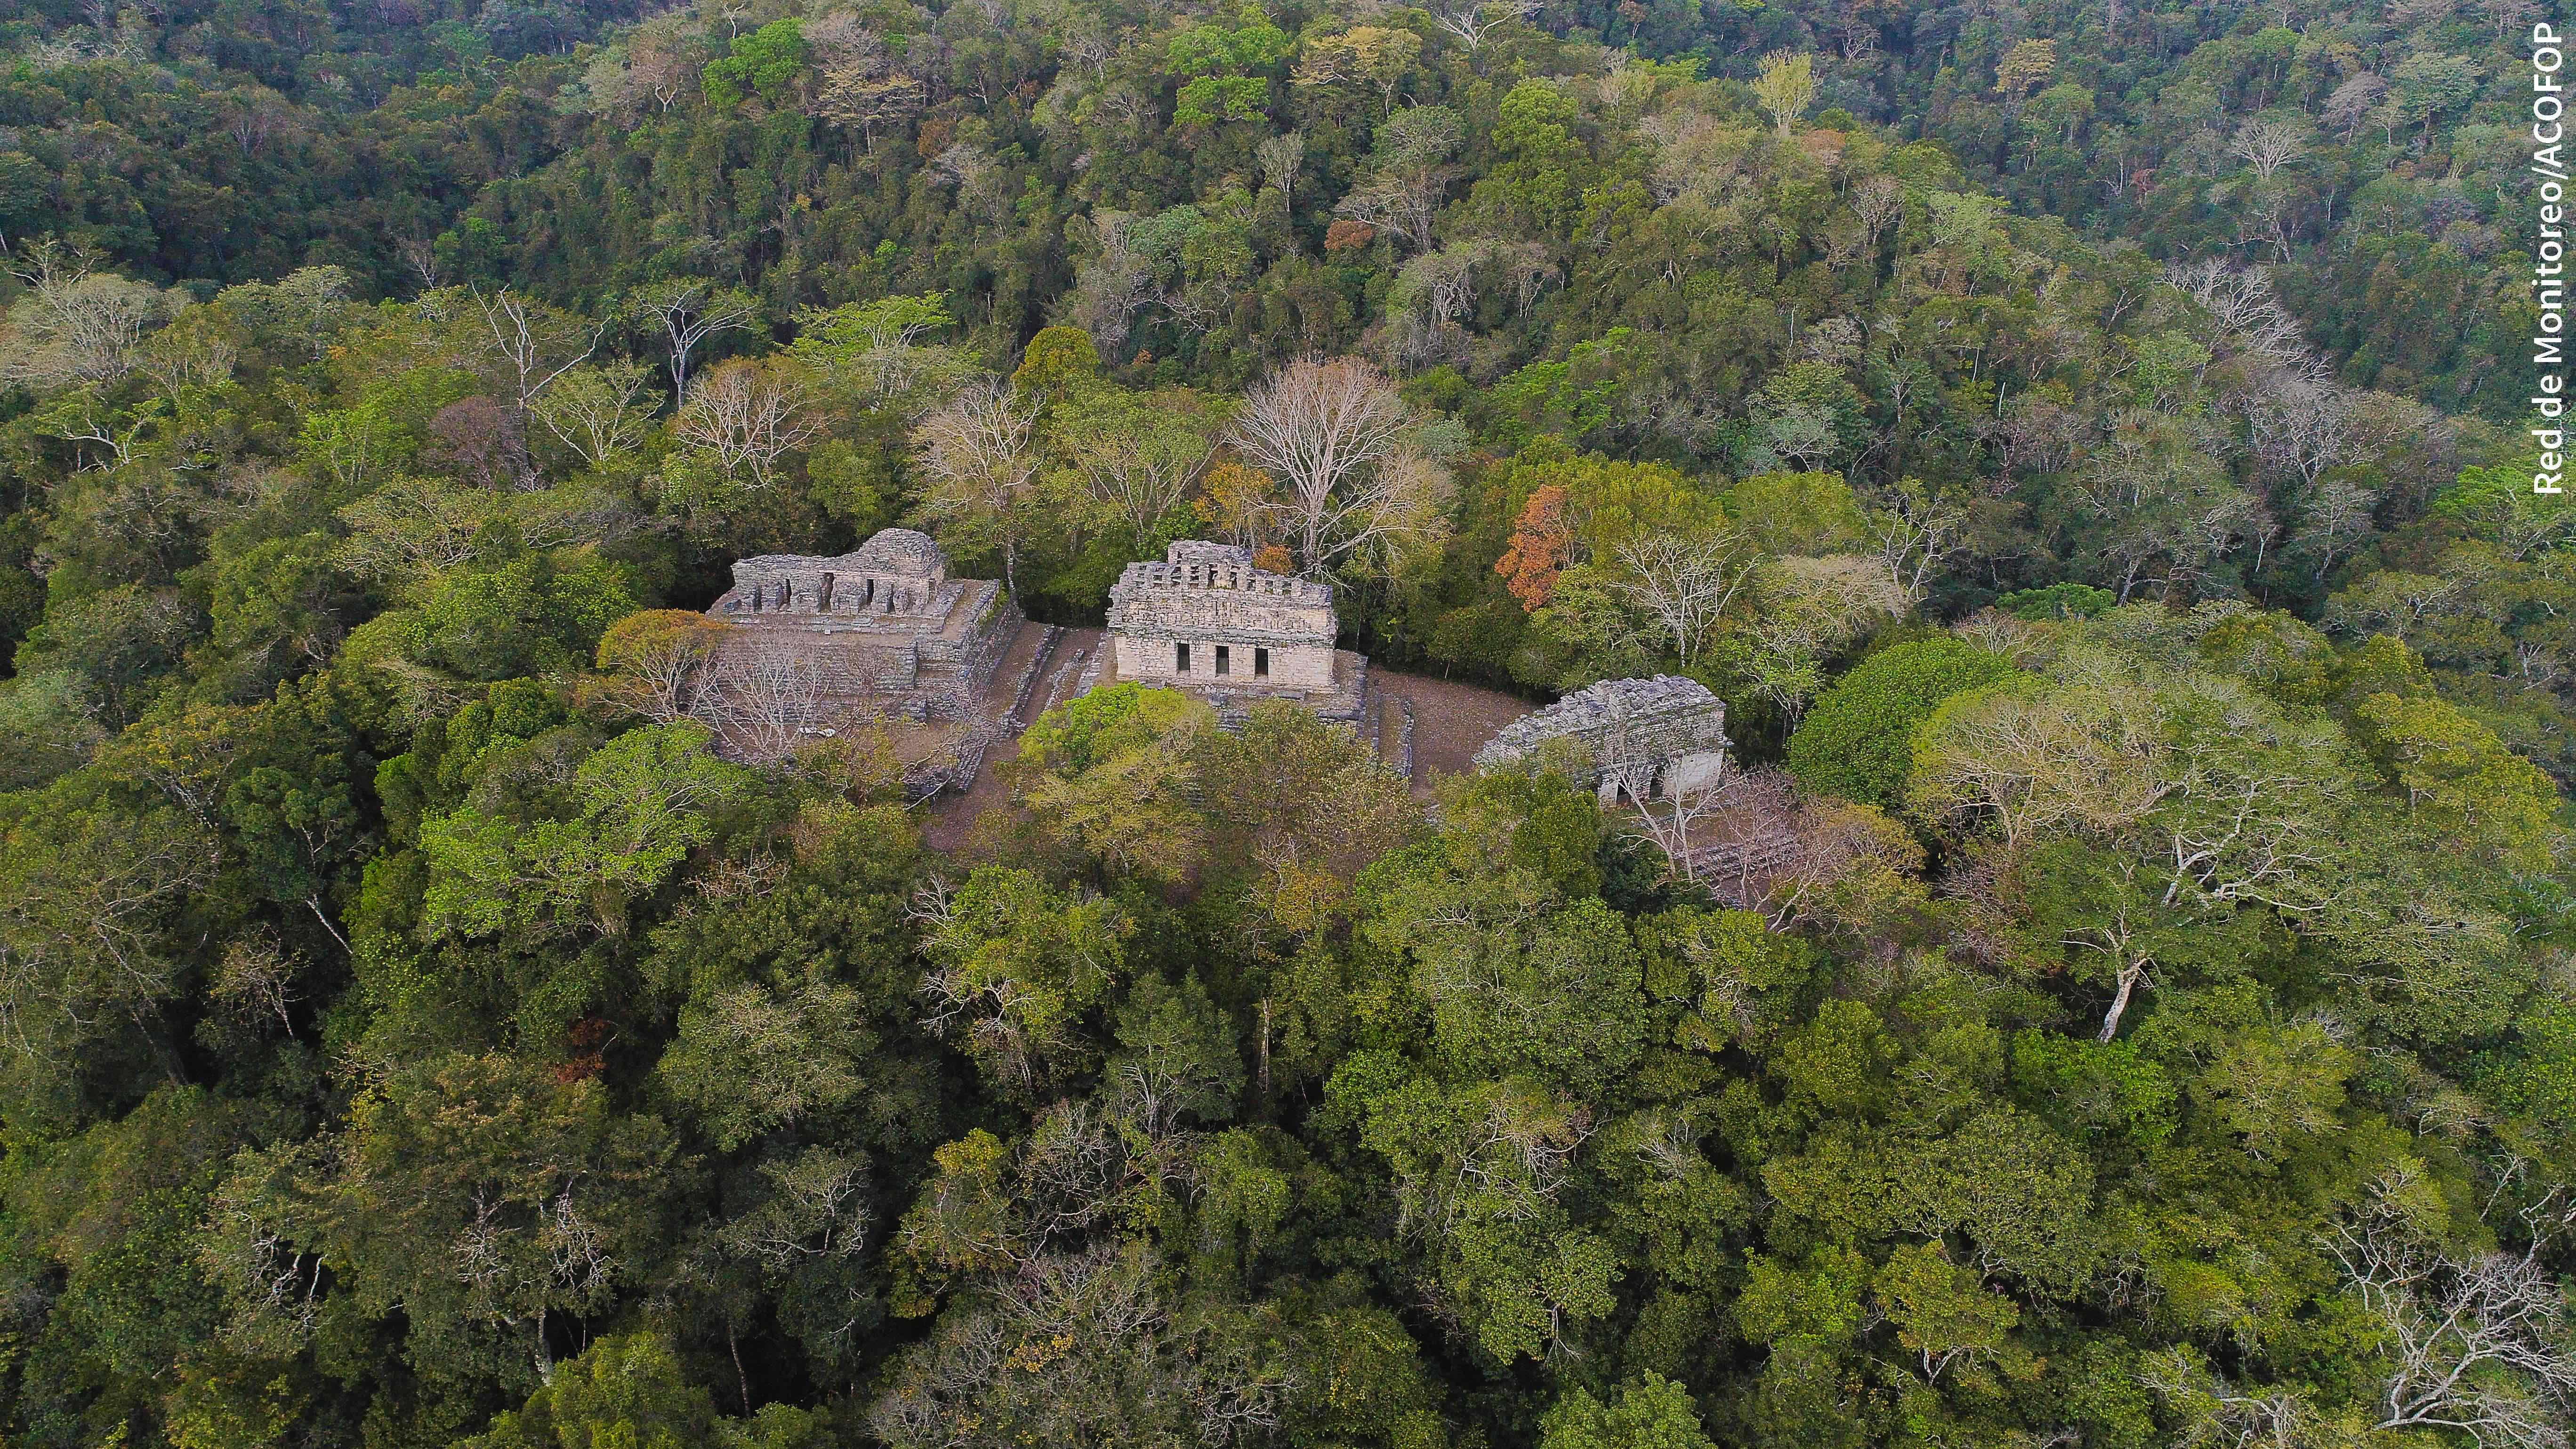 Zona arqueológica dentro de la Reserva de la Biósfera Maya